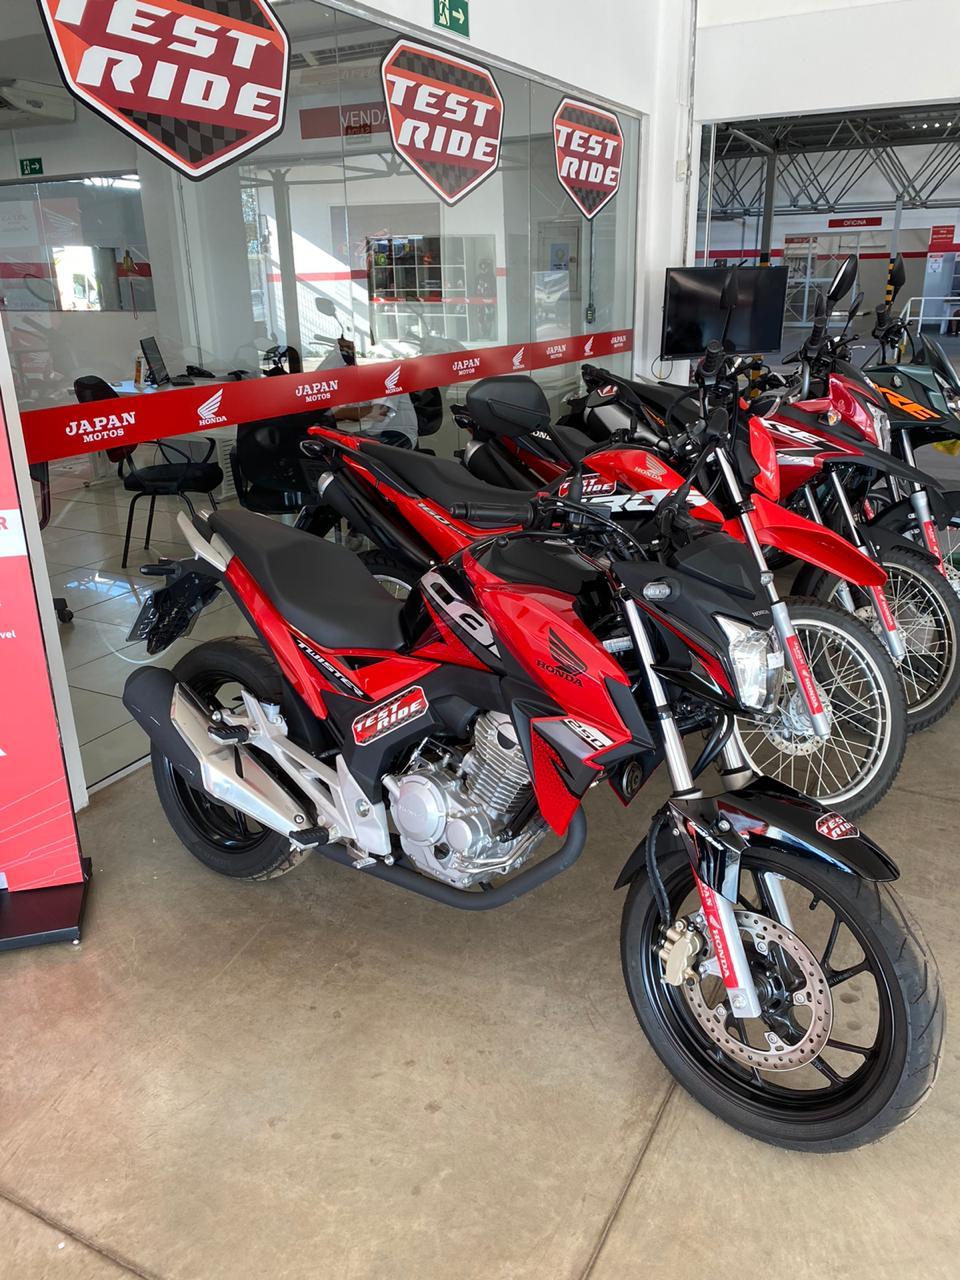 Japan Motos: nova loja da Honda em THE tem evento de inauguração - Imagem 2